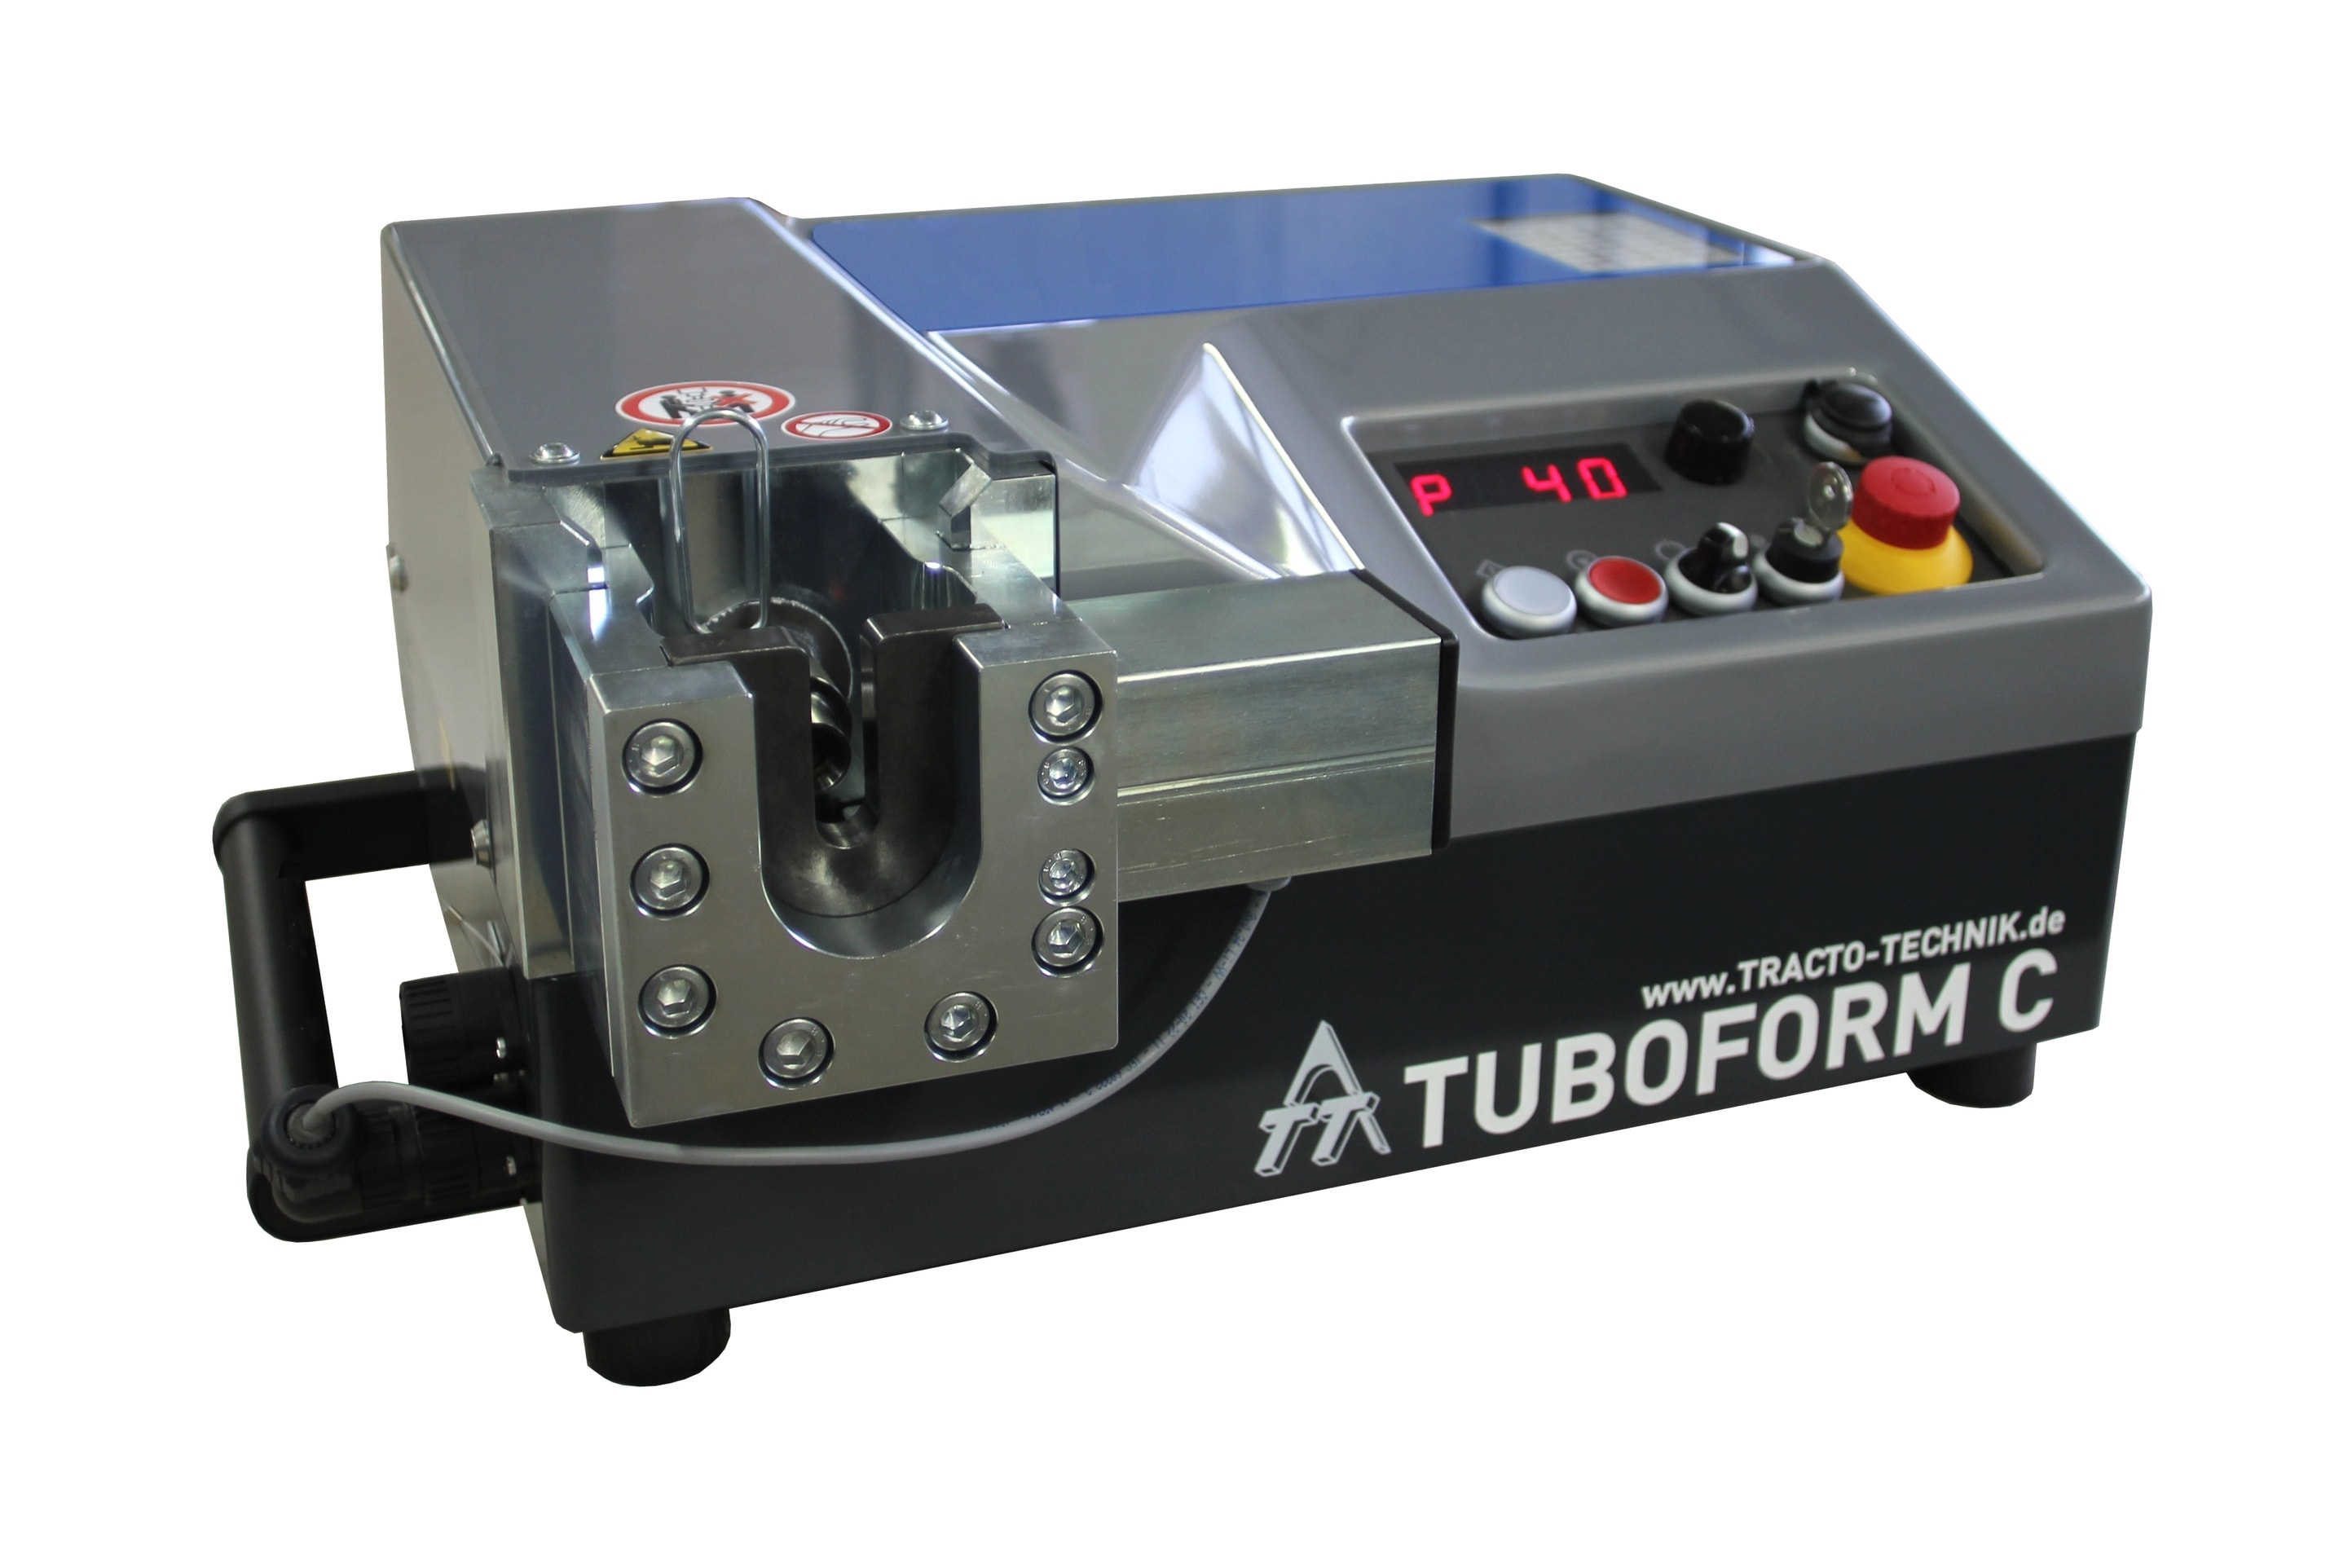 Zařízení pro nalisování střižných kroužku TUBOFORM C